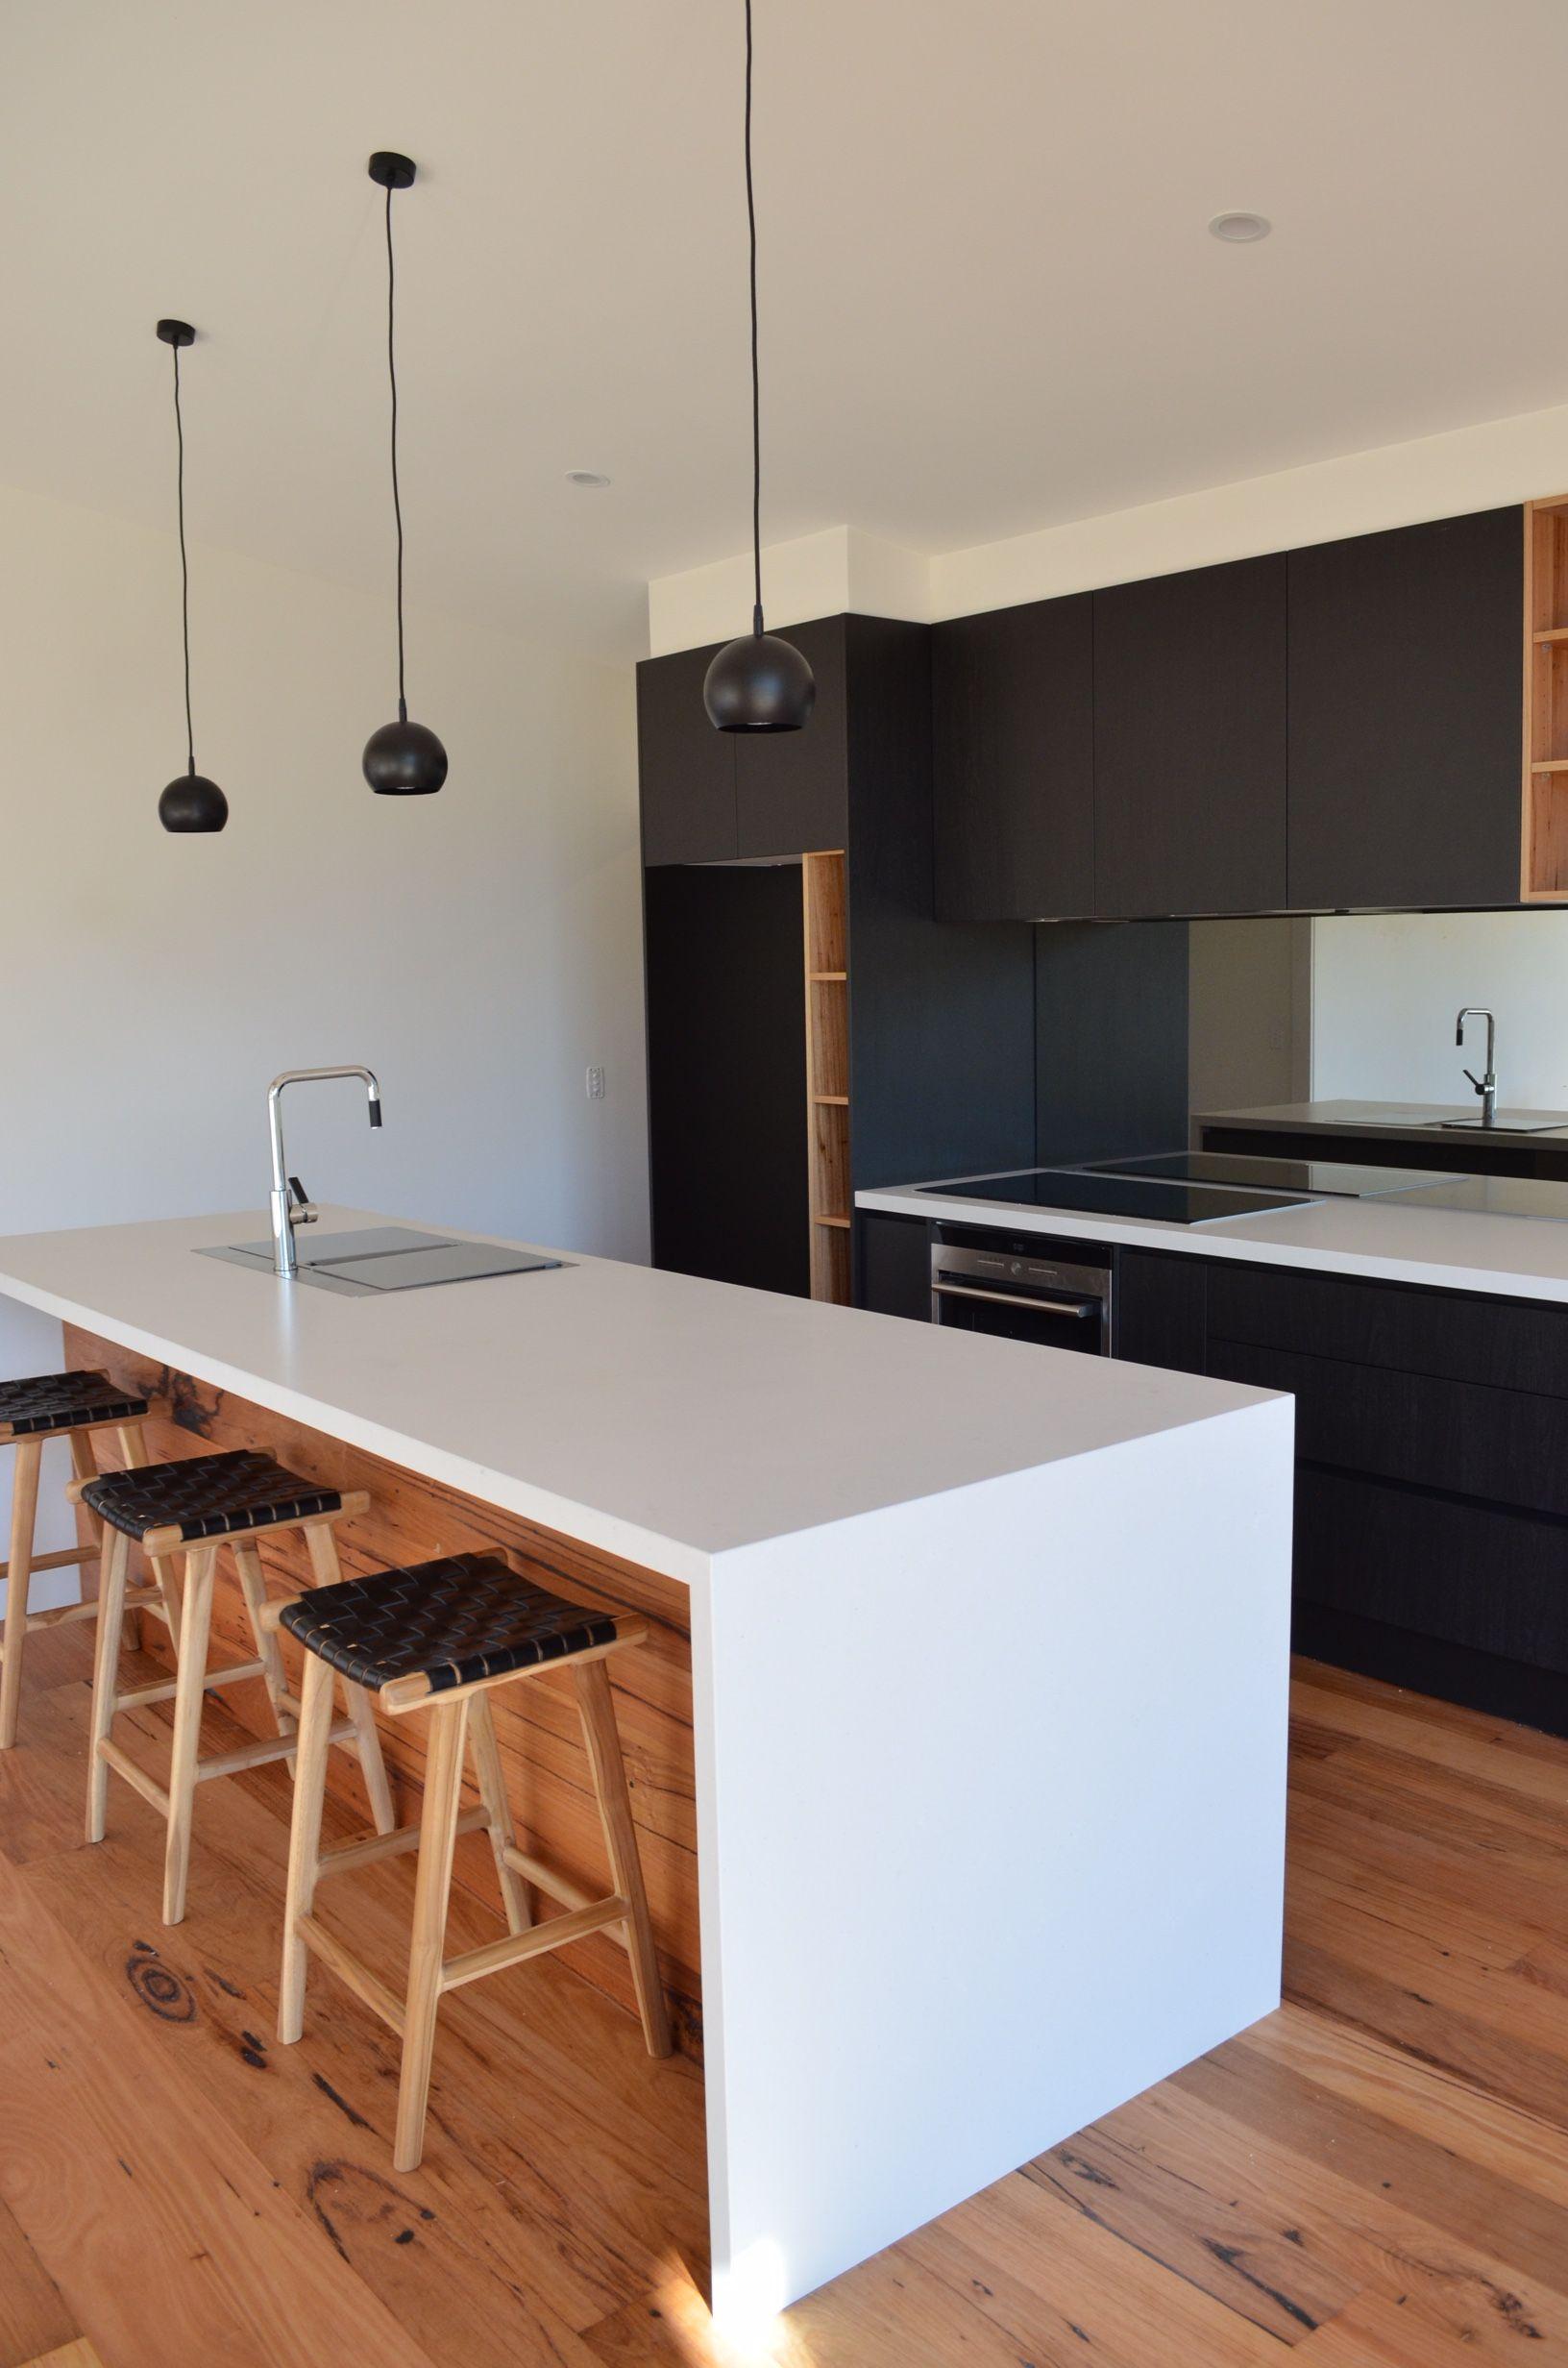 Küchenbeleuchtung ideen kleine küche wattle valley kitchens  reno ideas  pinterest